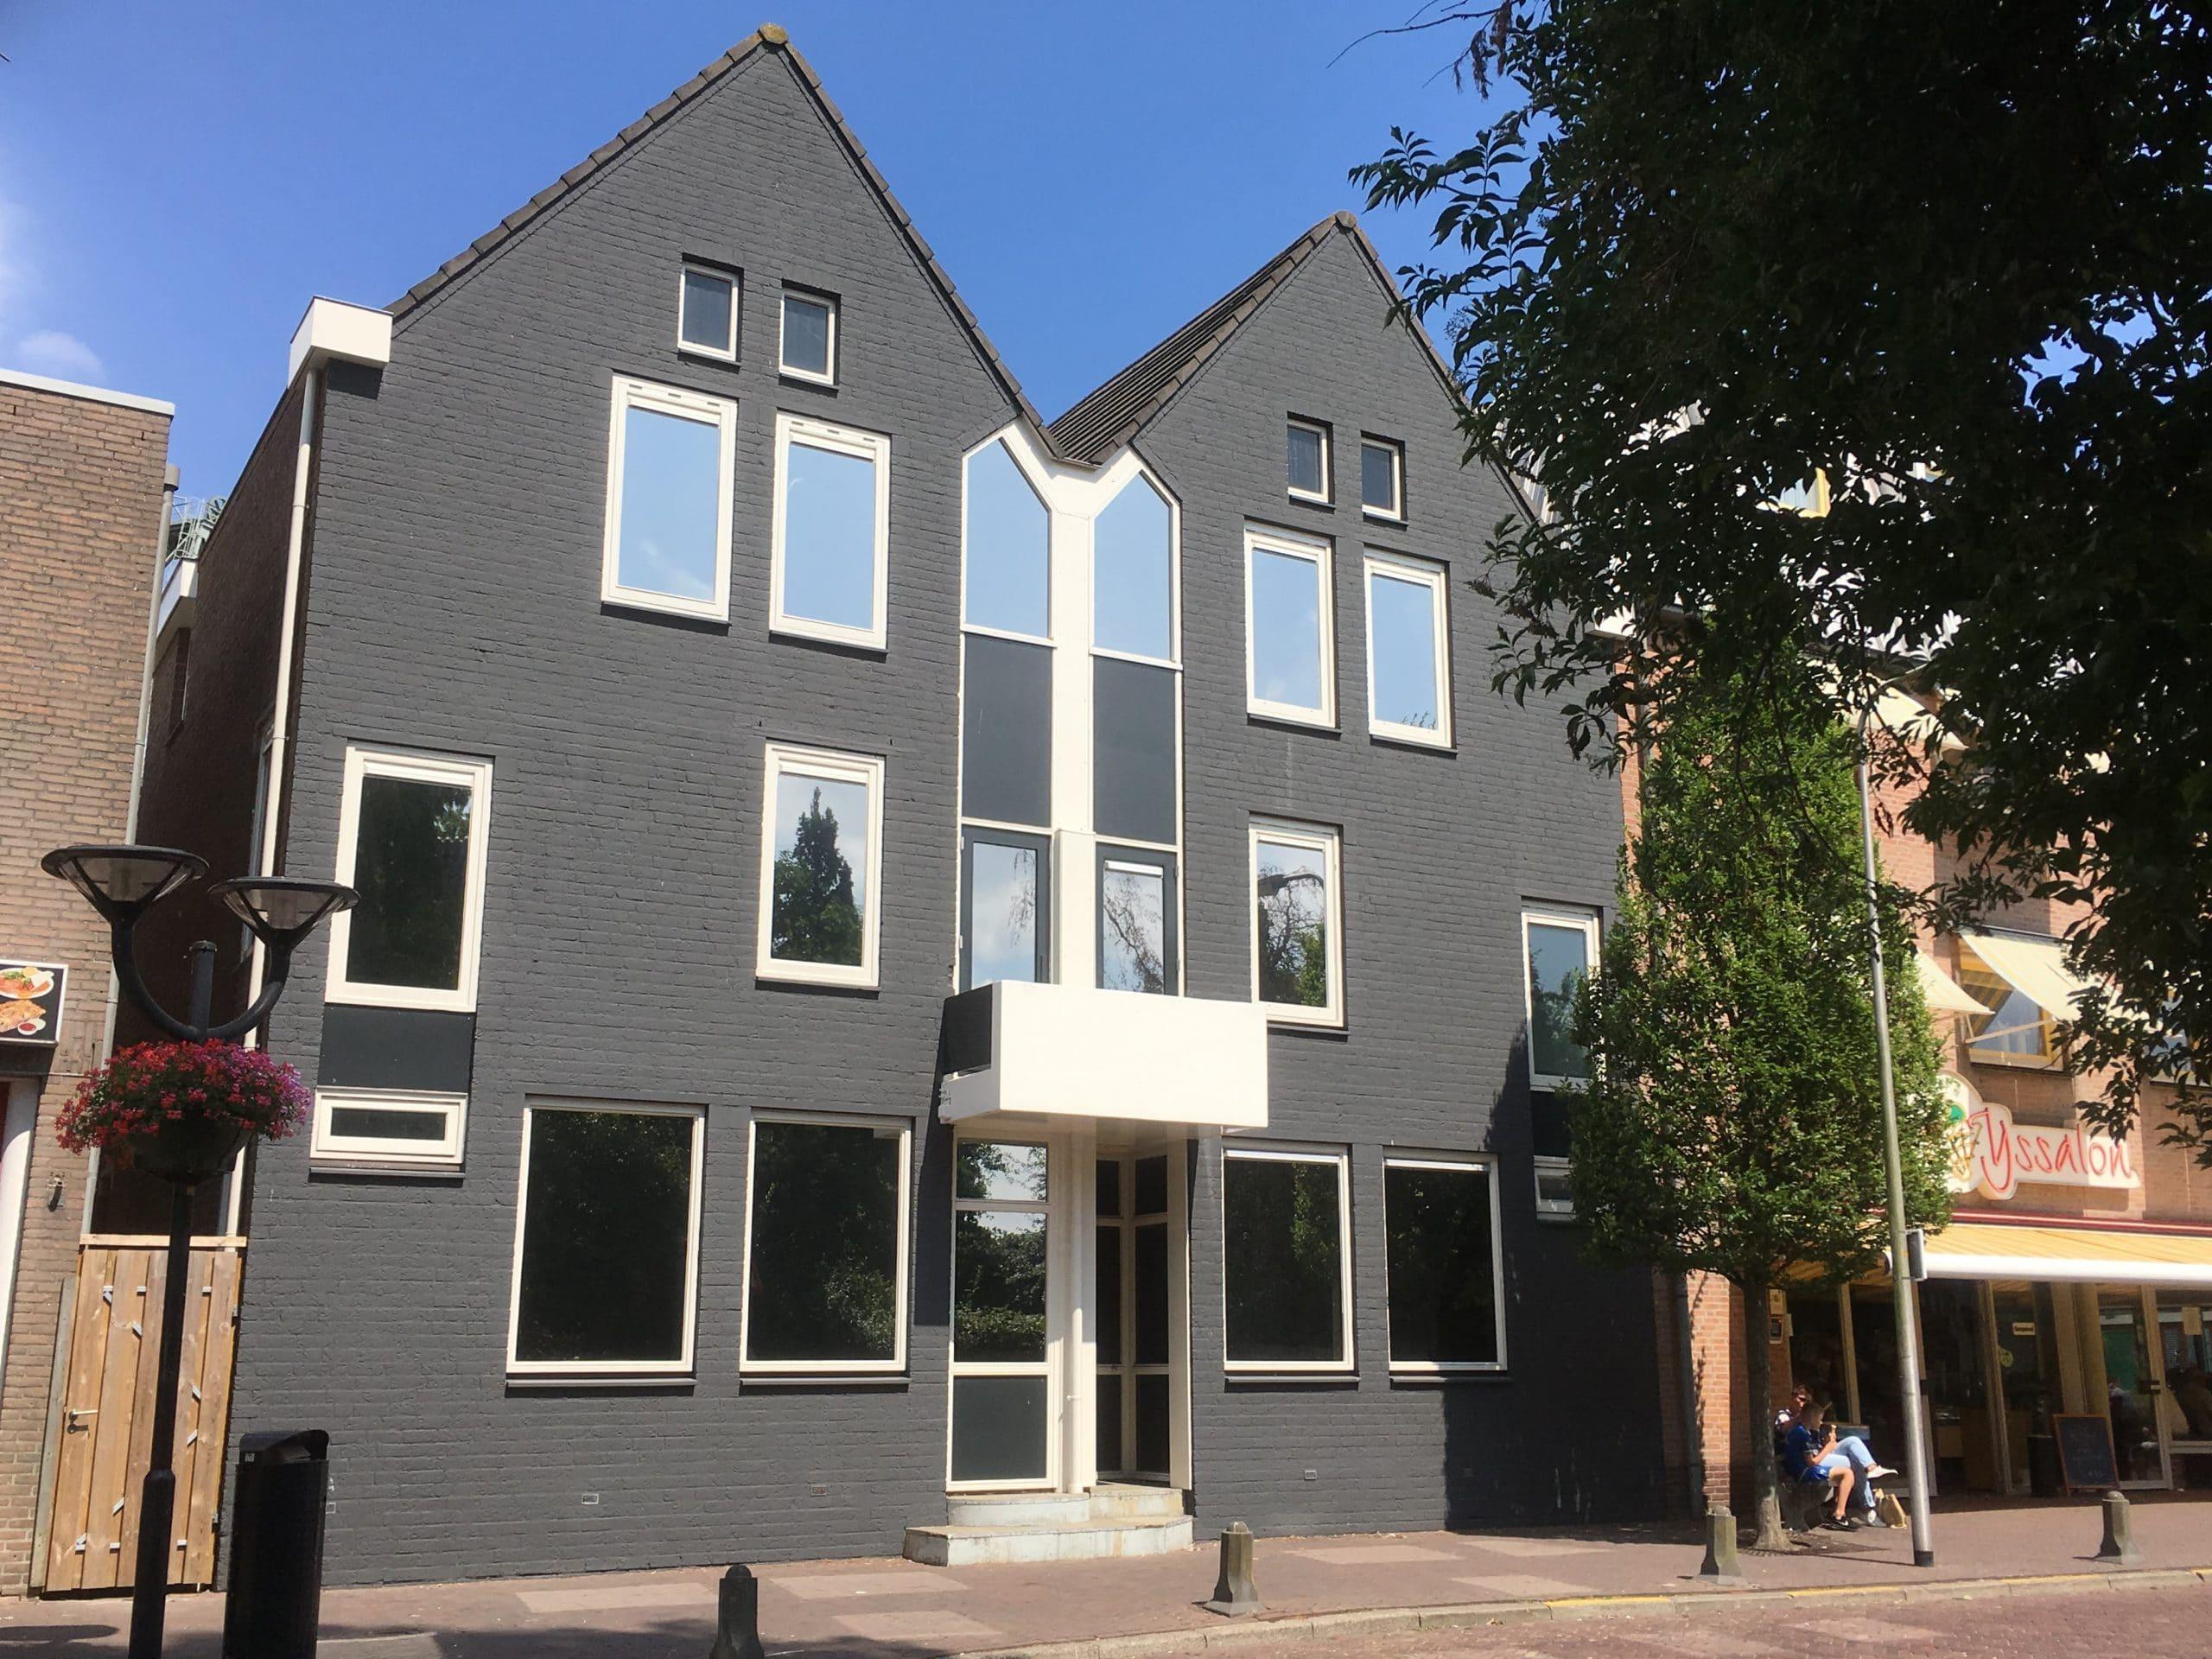 Boskoop - Hotel voorzien van Stainless Steel 15 teneinde de zonnewarmte opbouw te reduceren en de inkijk te beperken